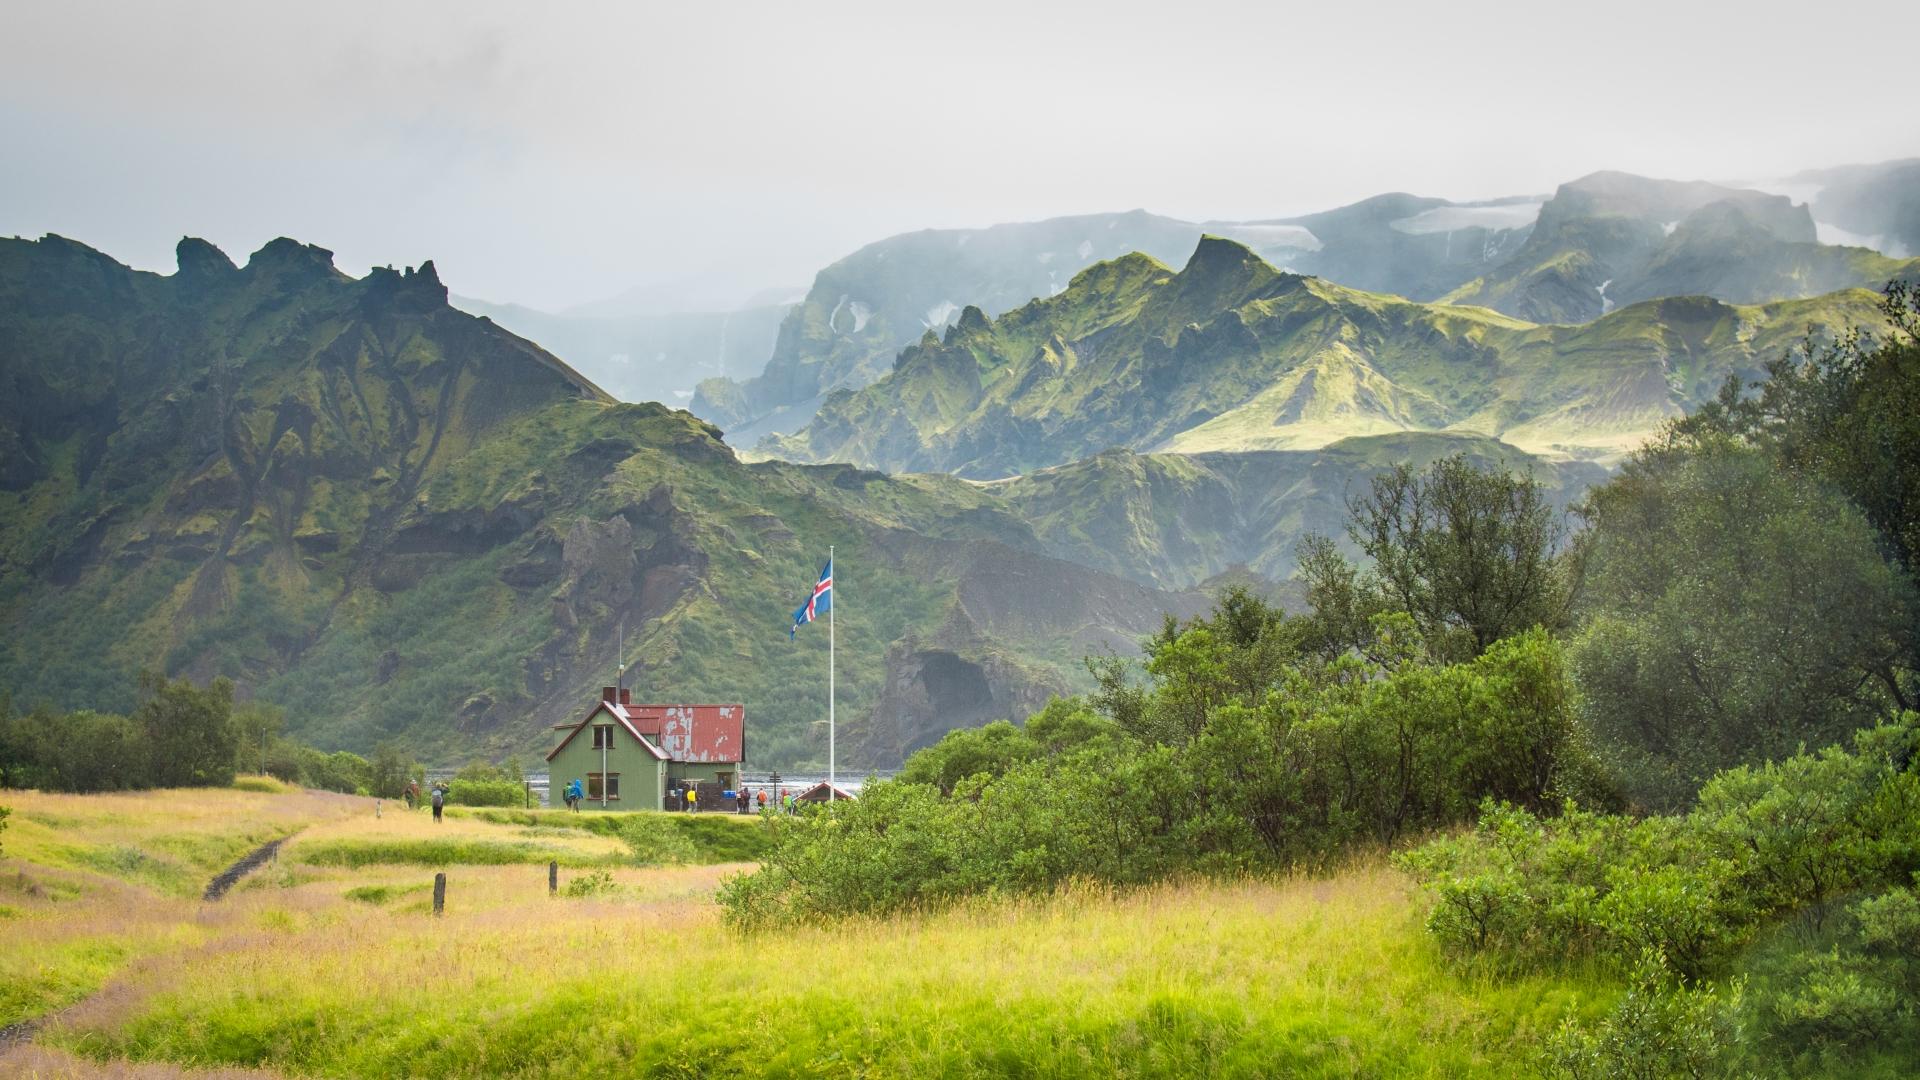 3日間フィムヴォルズハゥルスのトレッキング(山小屋2泊、食事付き)